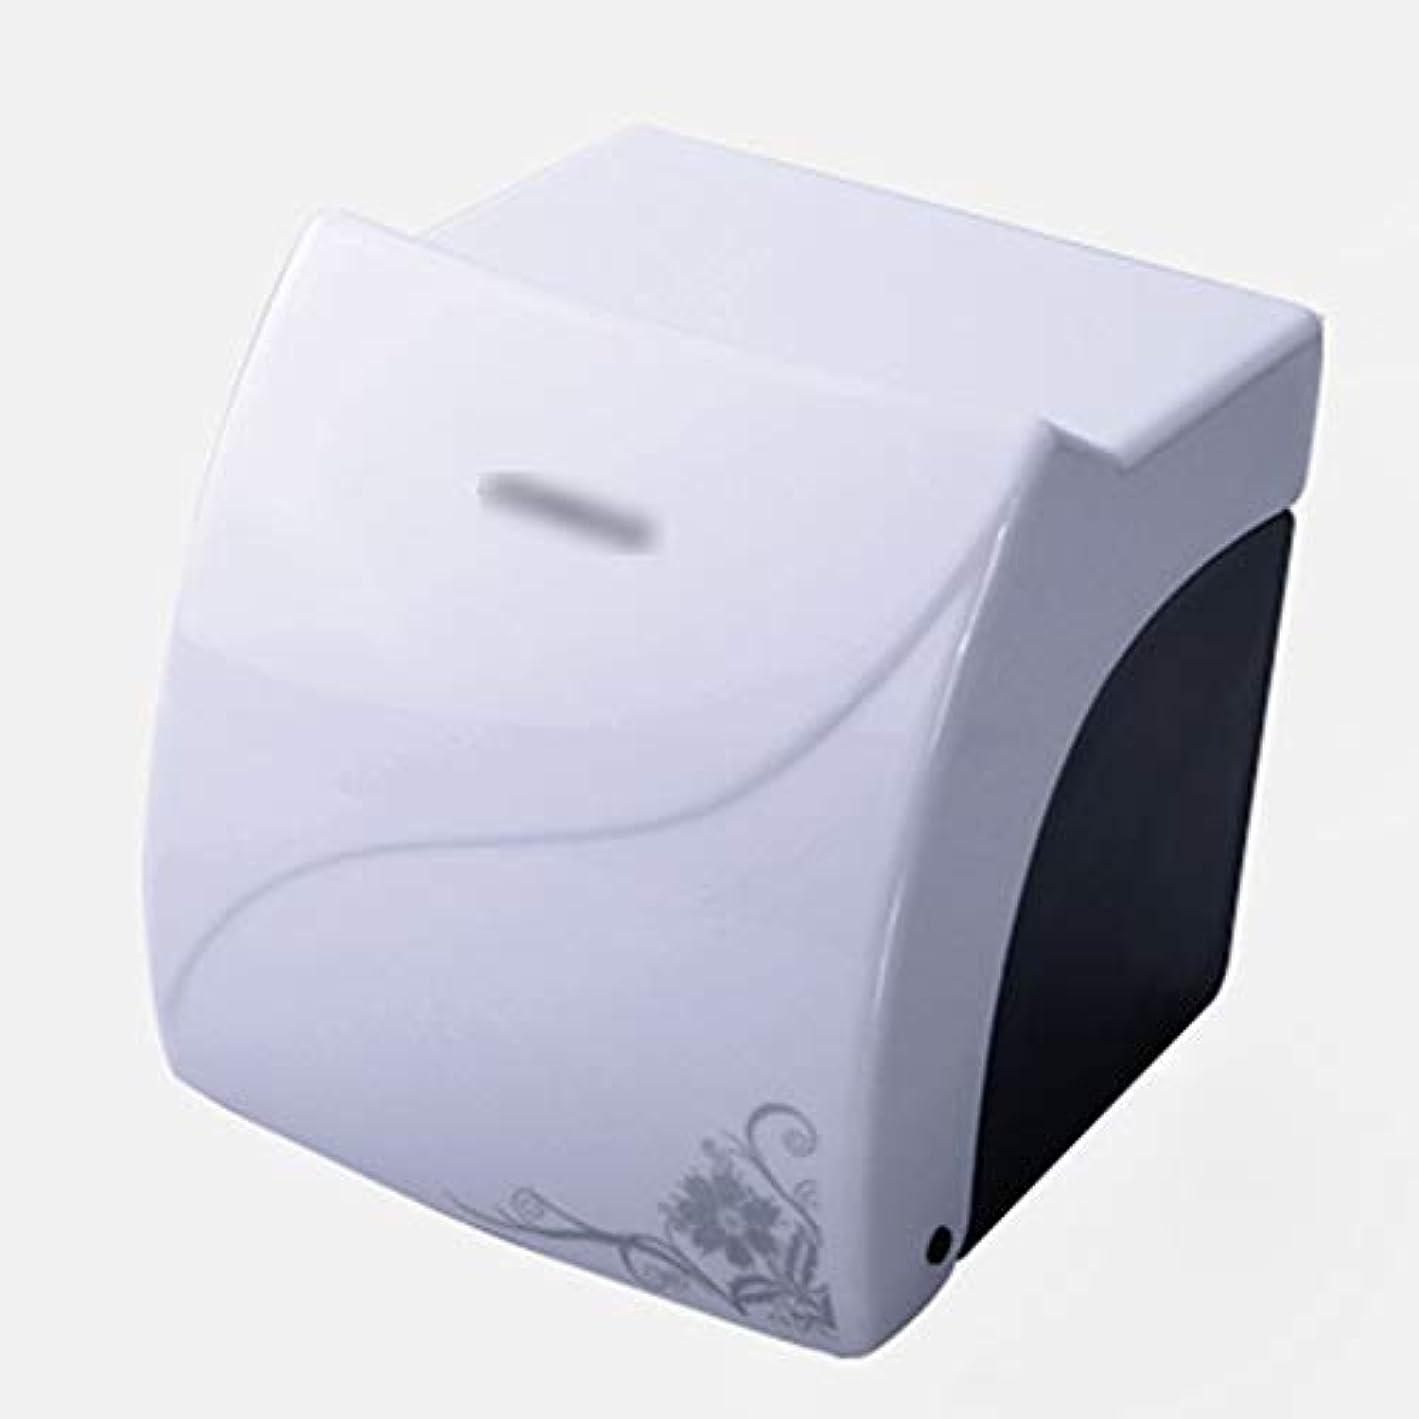 軍艦聖歌幸運ZZLX 紙タオルホルダー、高品質ABS防水ティッシュボックストイレットペーパーボックスペーパーホルダー ロングハンドル風呂ブラシ